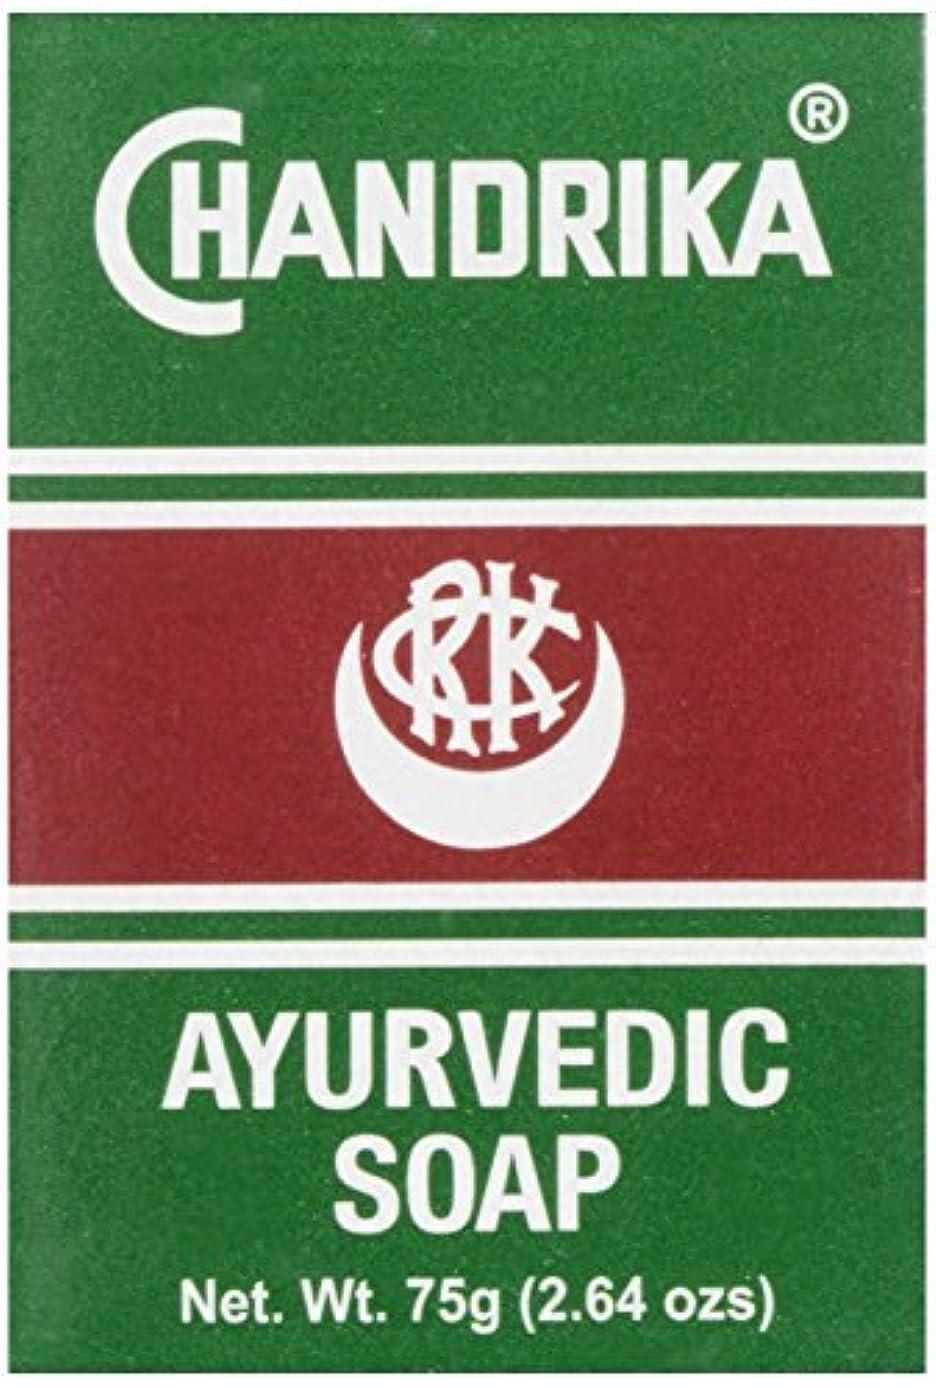 快い顎著者Ayuruedic Soap Chandrika 2.64 Oz Bar by Chandrika [並行輸入品]